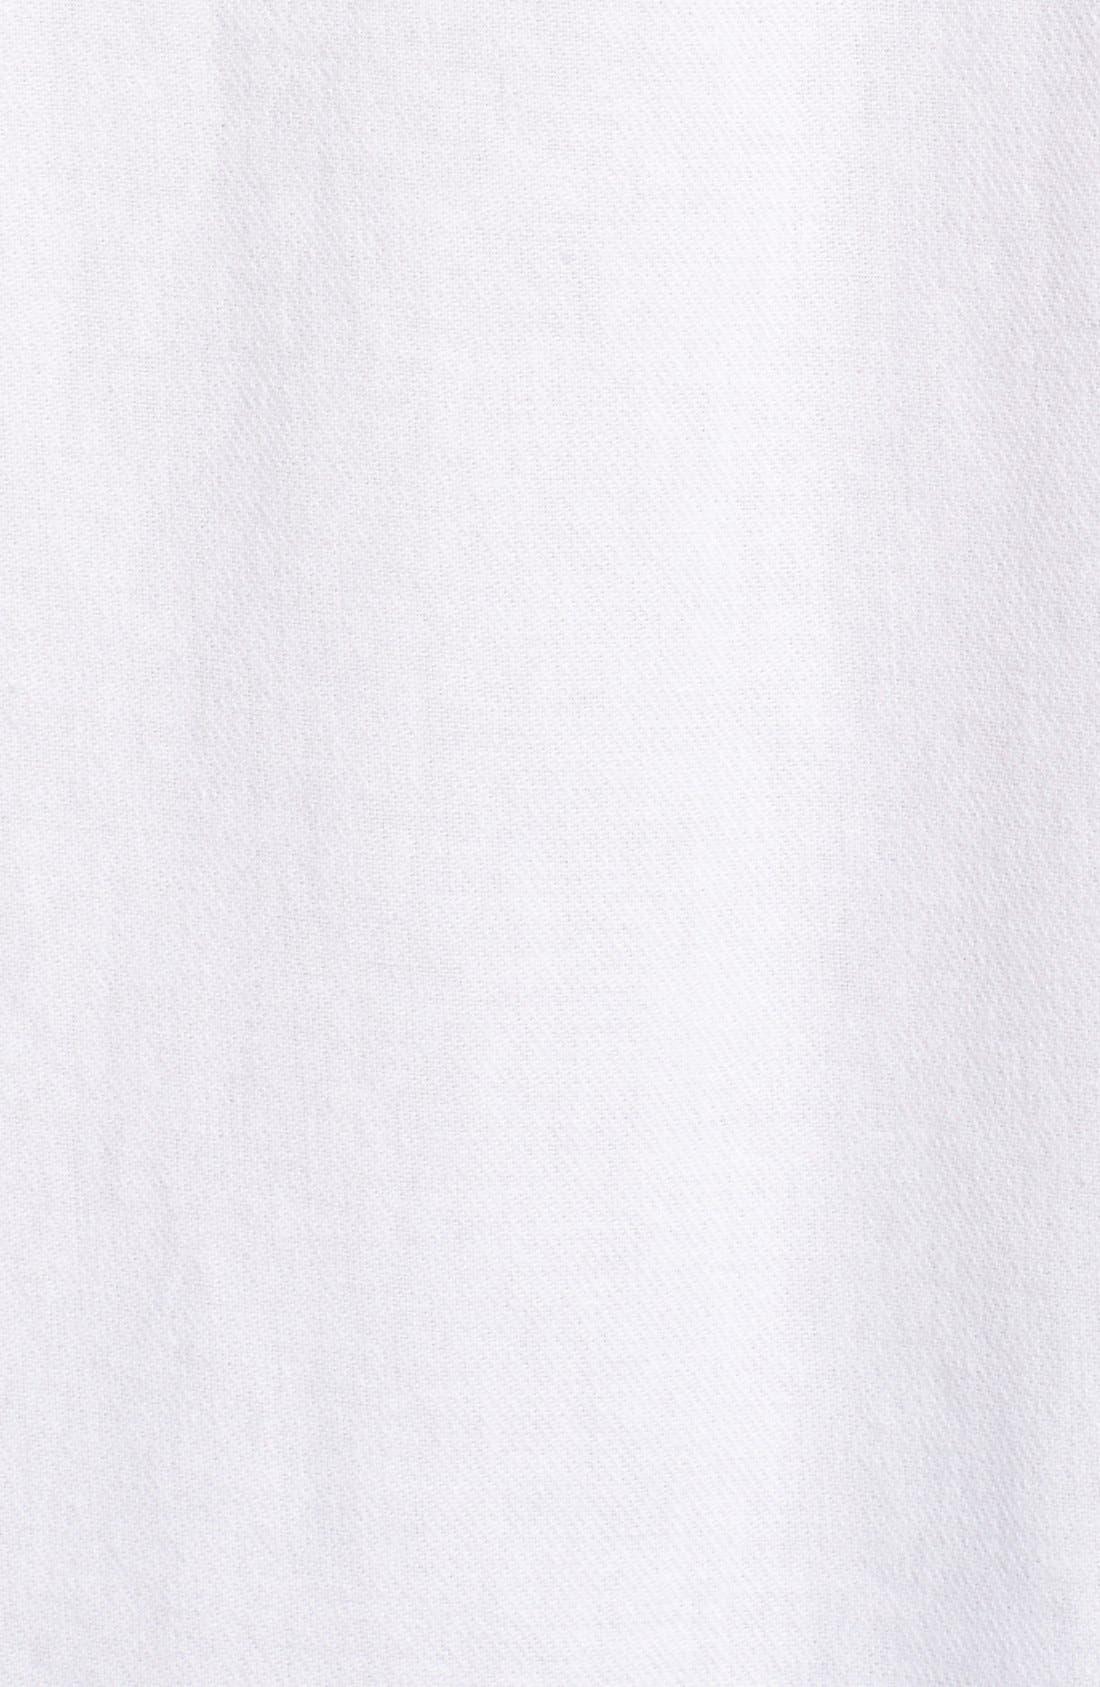 Cotton Courier Shirt,                             Alternate thumbnail 5, color,                             Pure White